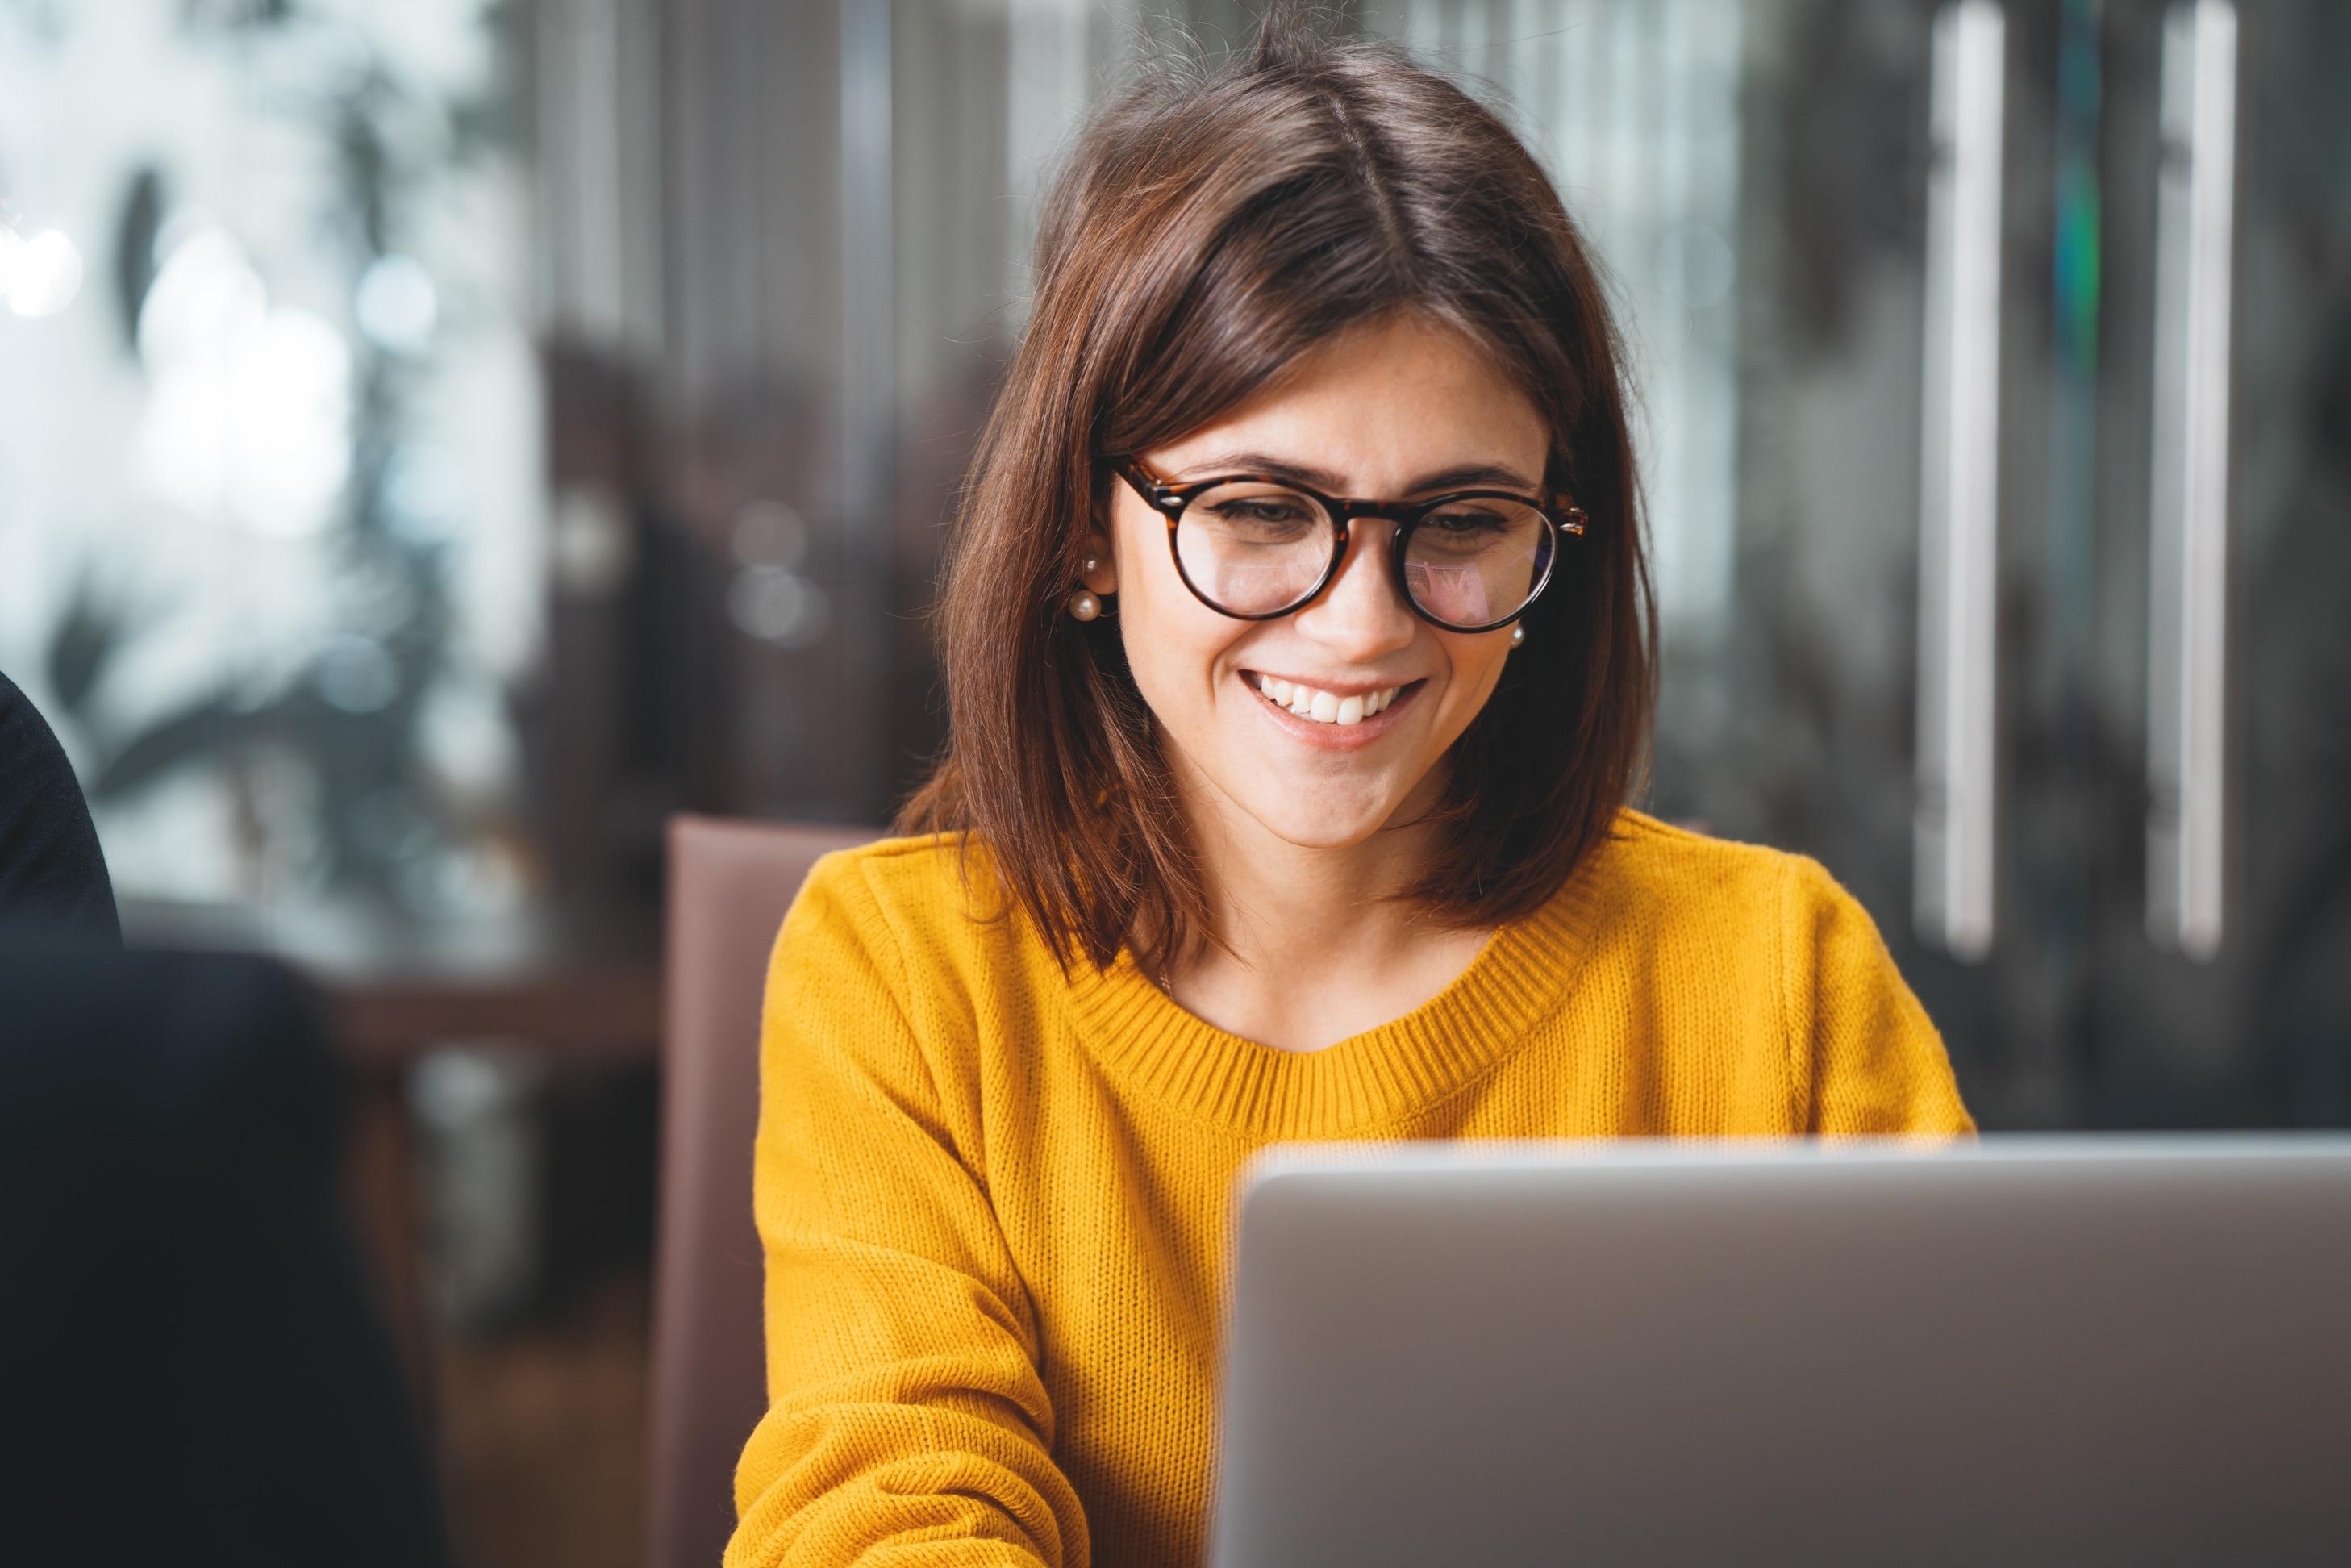 Braunhaarige Person mit gelben Pullover vor Laptop